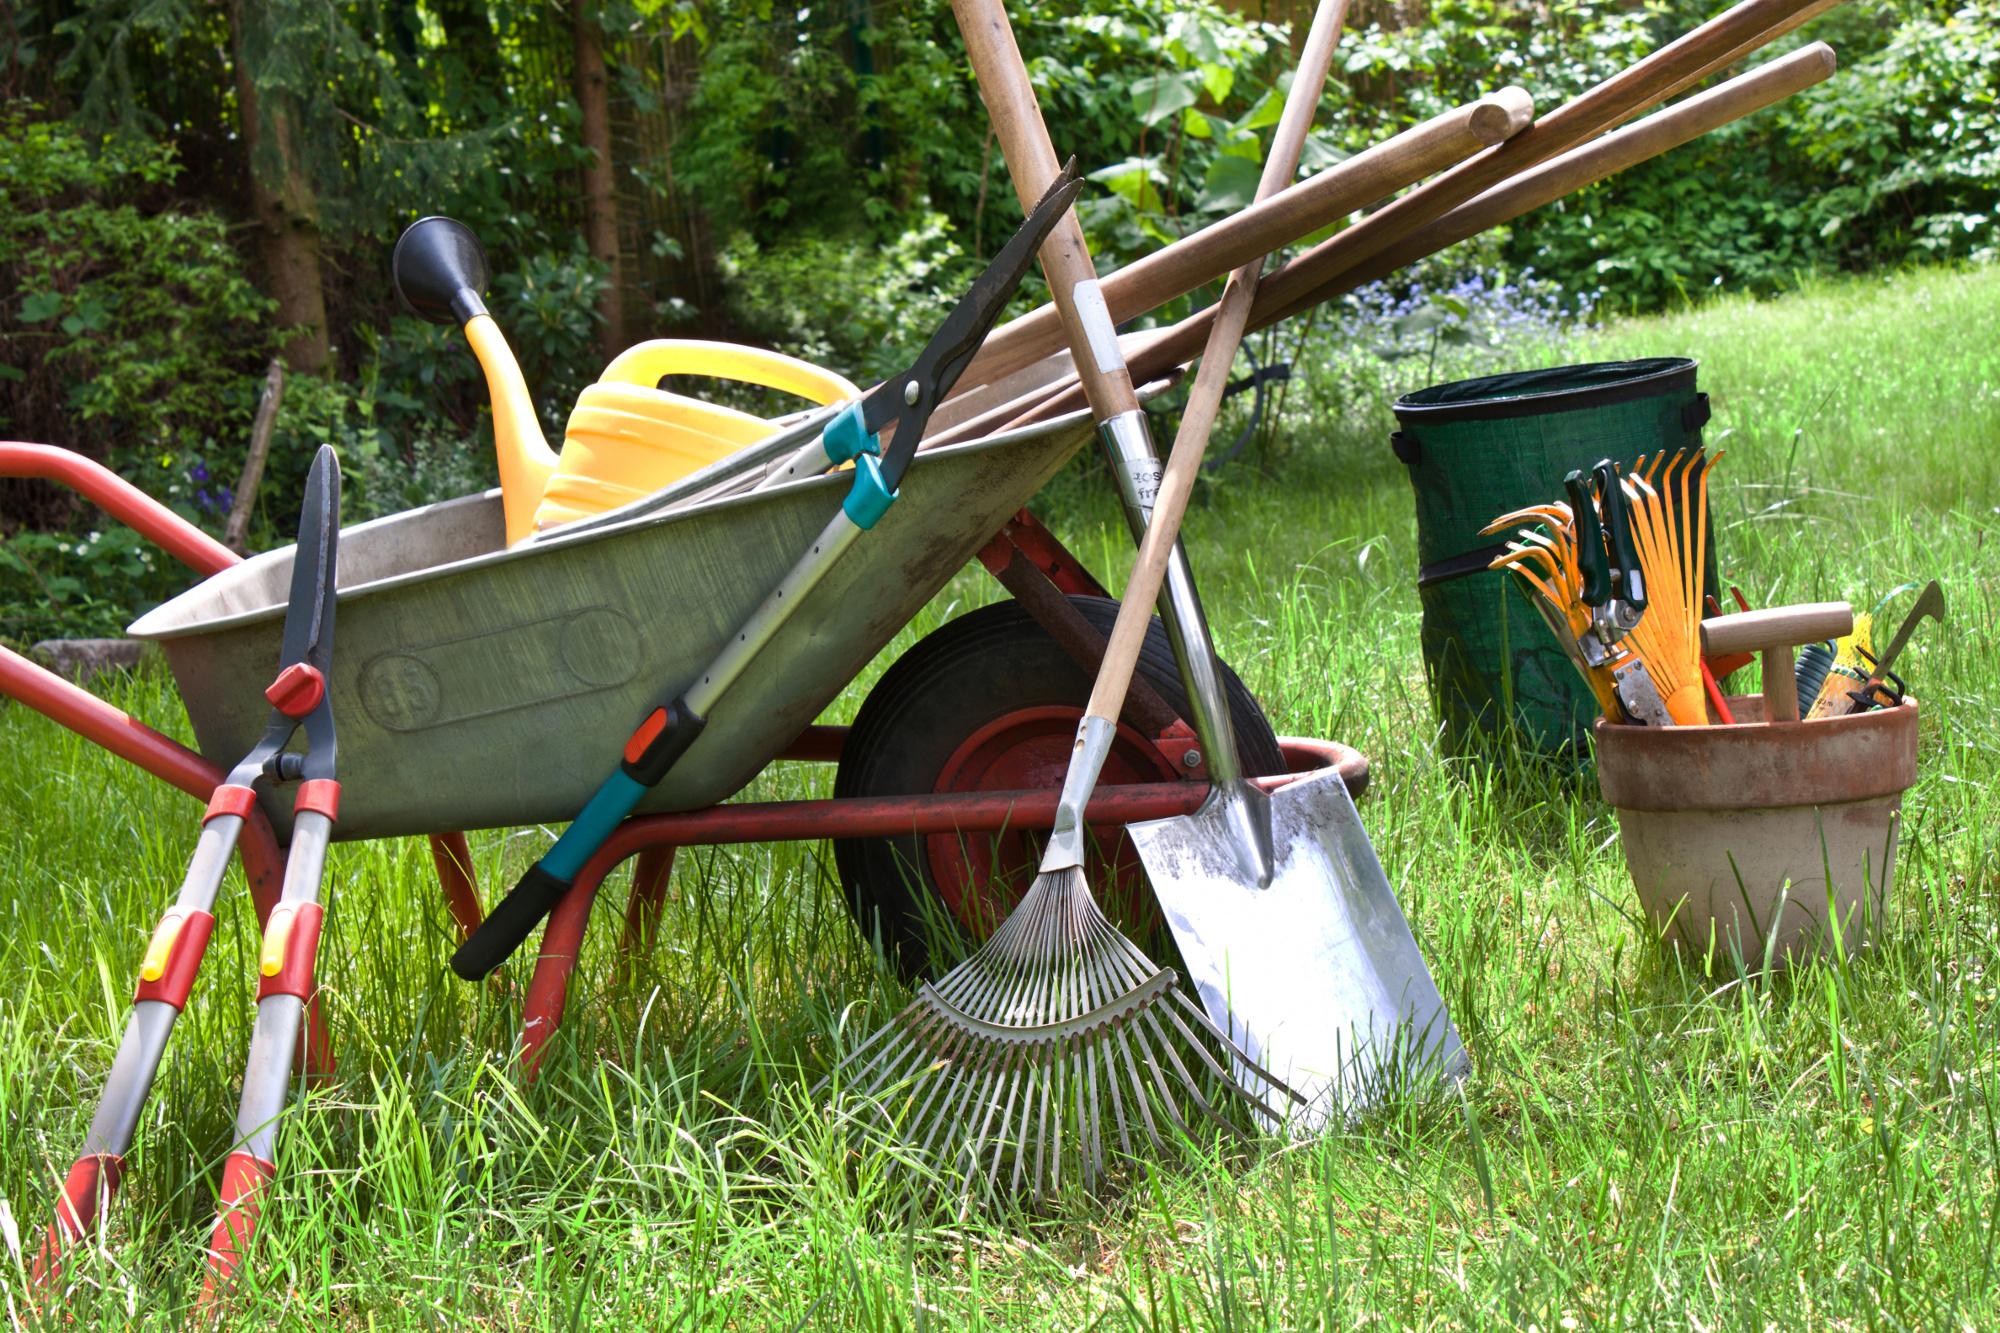 Les fa ons de bien entretenir les outils de jardin - Loisir jardin ...